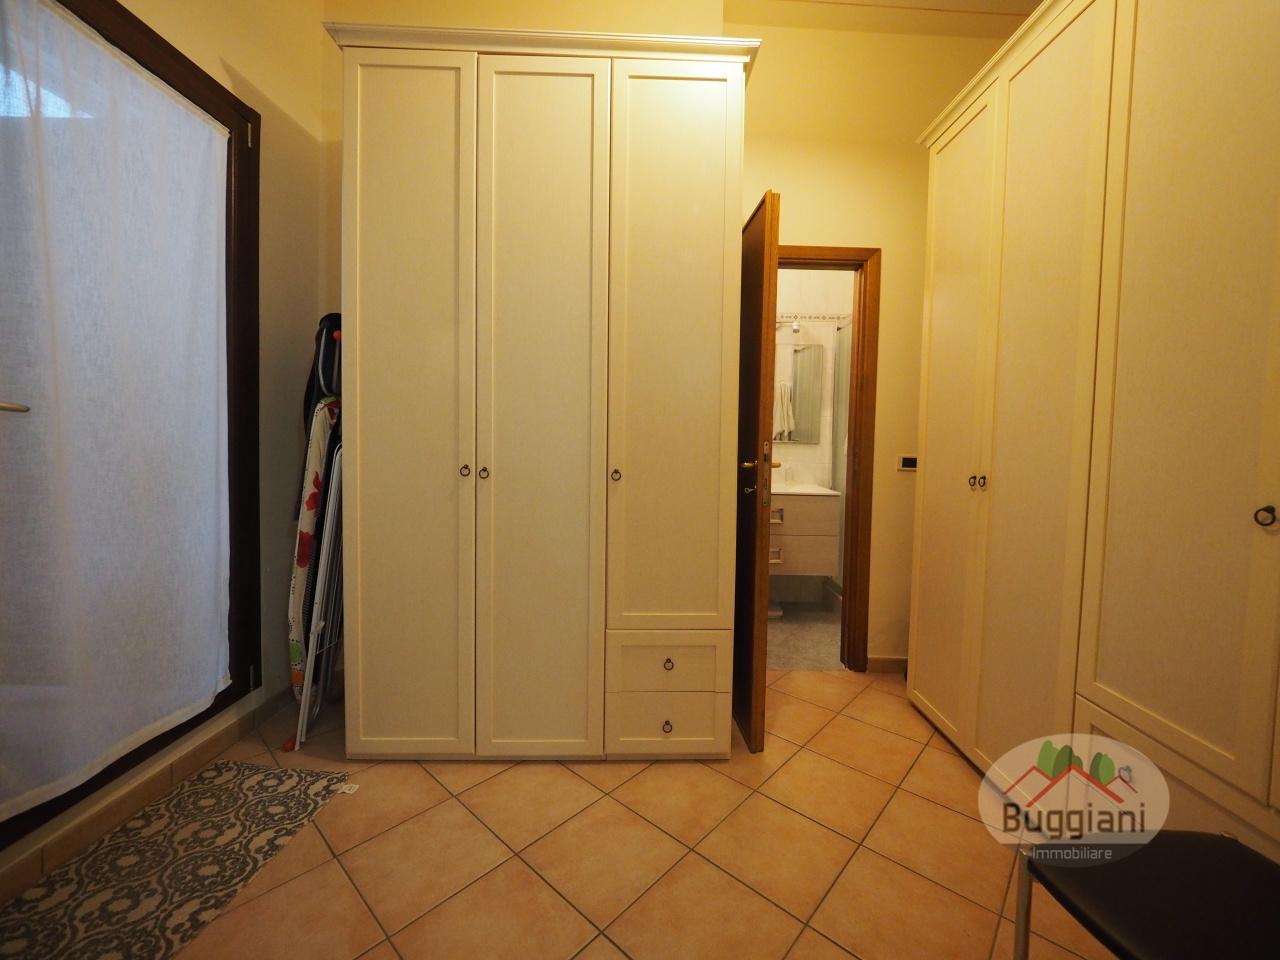 Appartamento in vendita RIF. 1881, San Miniato (PI)